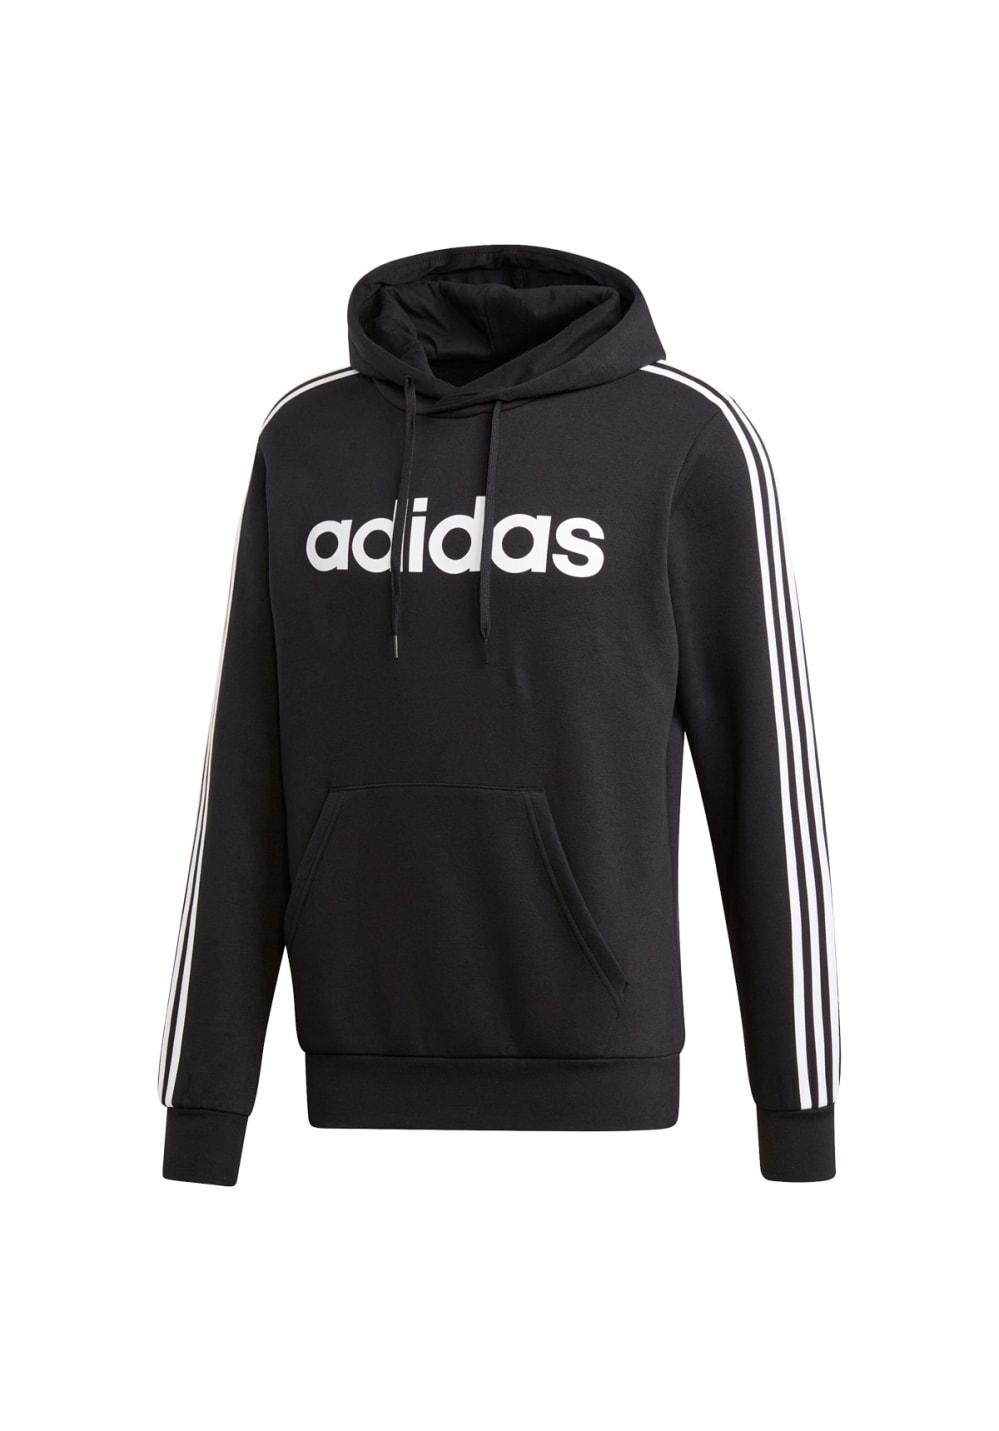 Hoodie For Adidas 3 Sweatshirts Hoodies Men Black Pullover Stripes Essentials OlwPTkZXiu